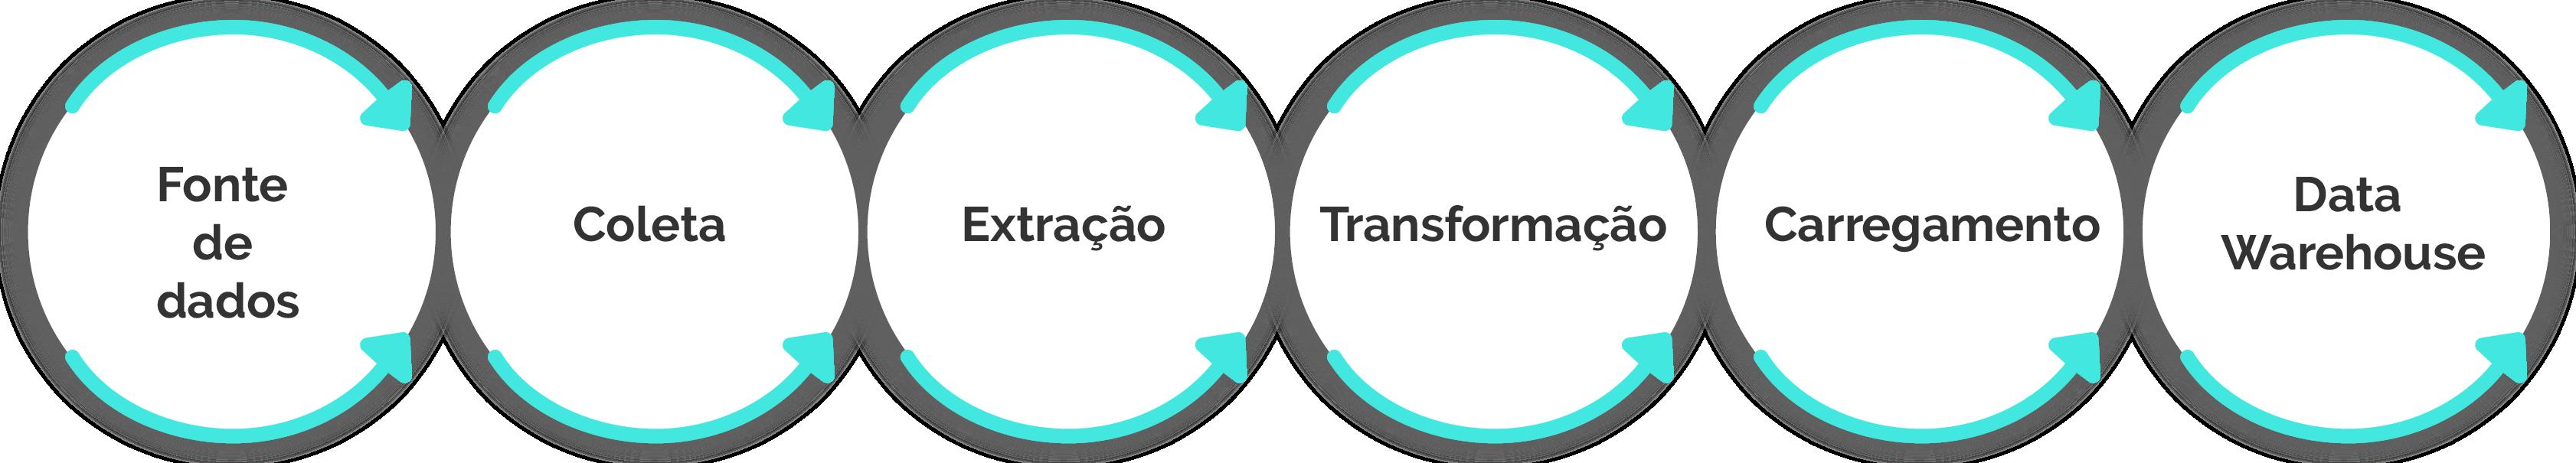 Seis círculos com setas apontando para a direita. Dentro de cada círculo, uma etapa da cadeia de implantação de um data warehouse. São elas: fonte de dados, coleta, extração, transformação, carregamento e data warehouse.